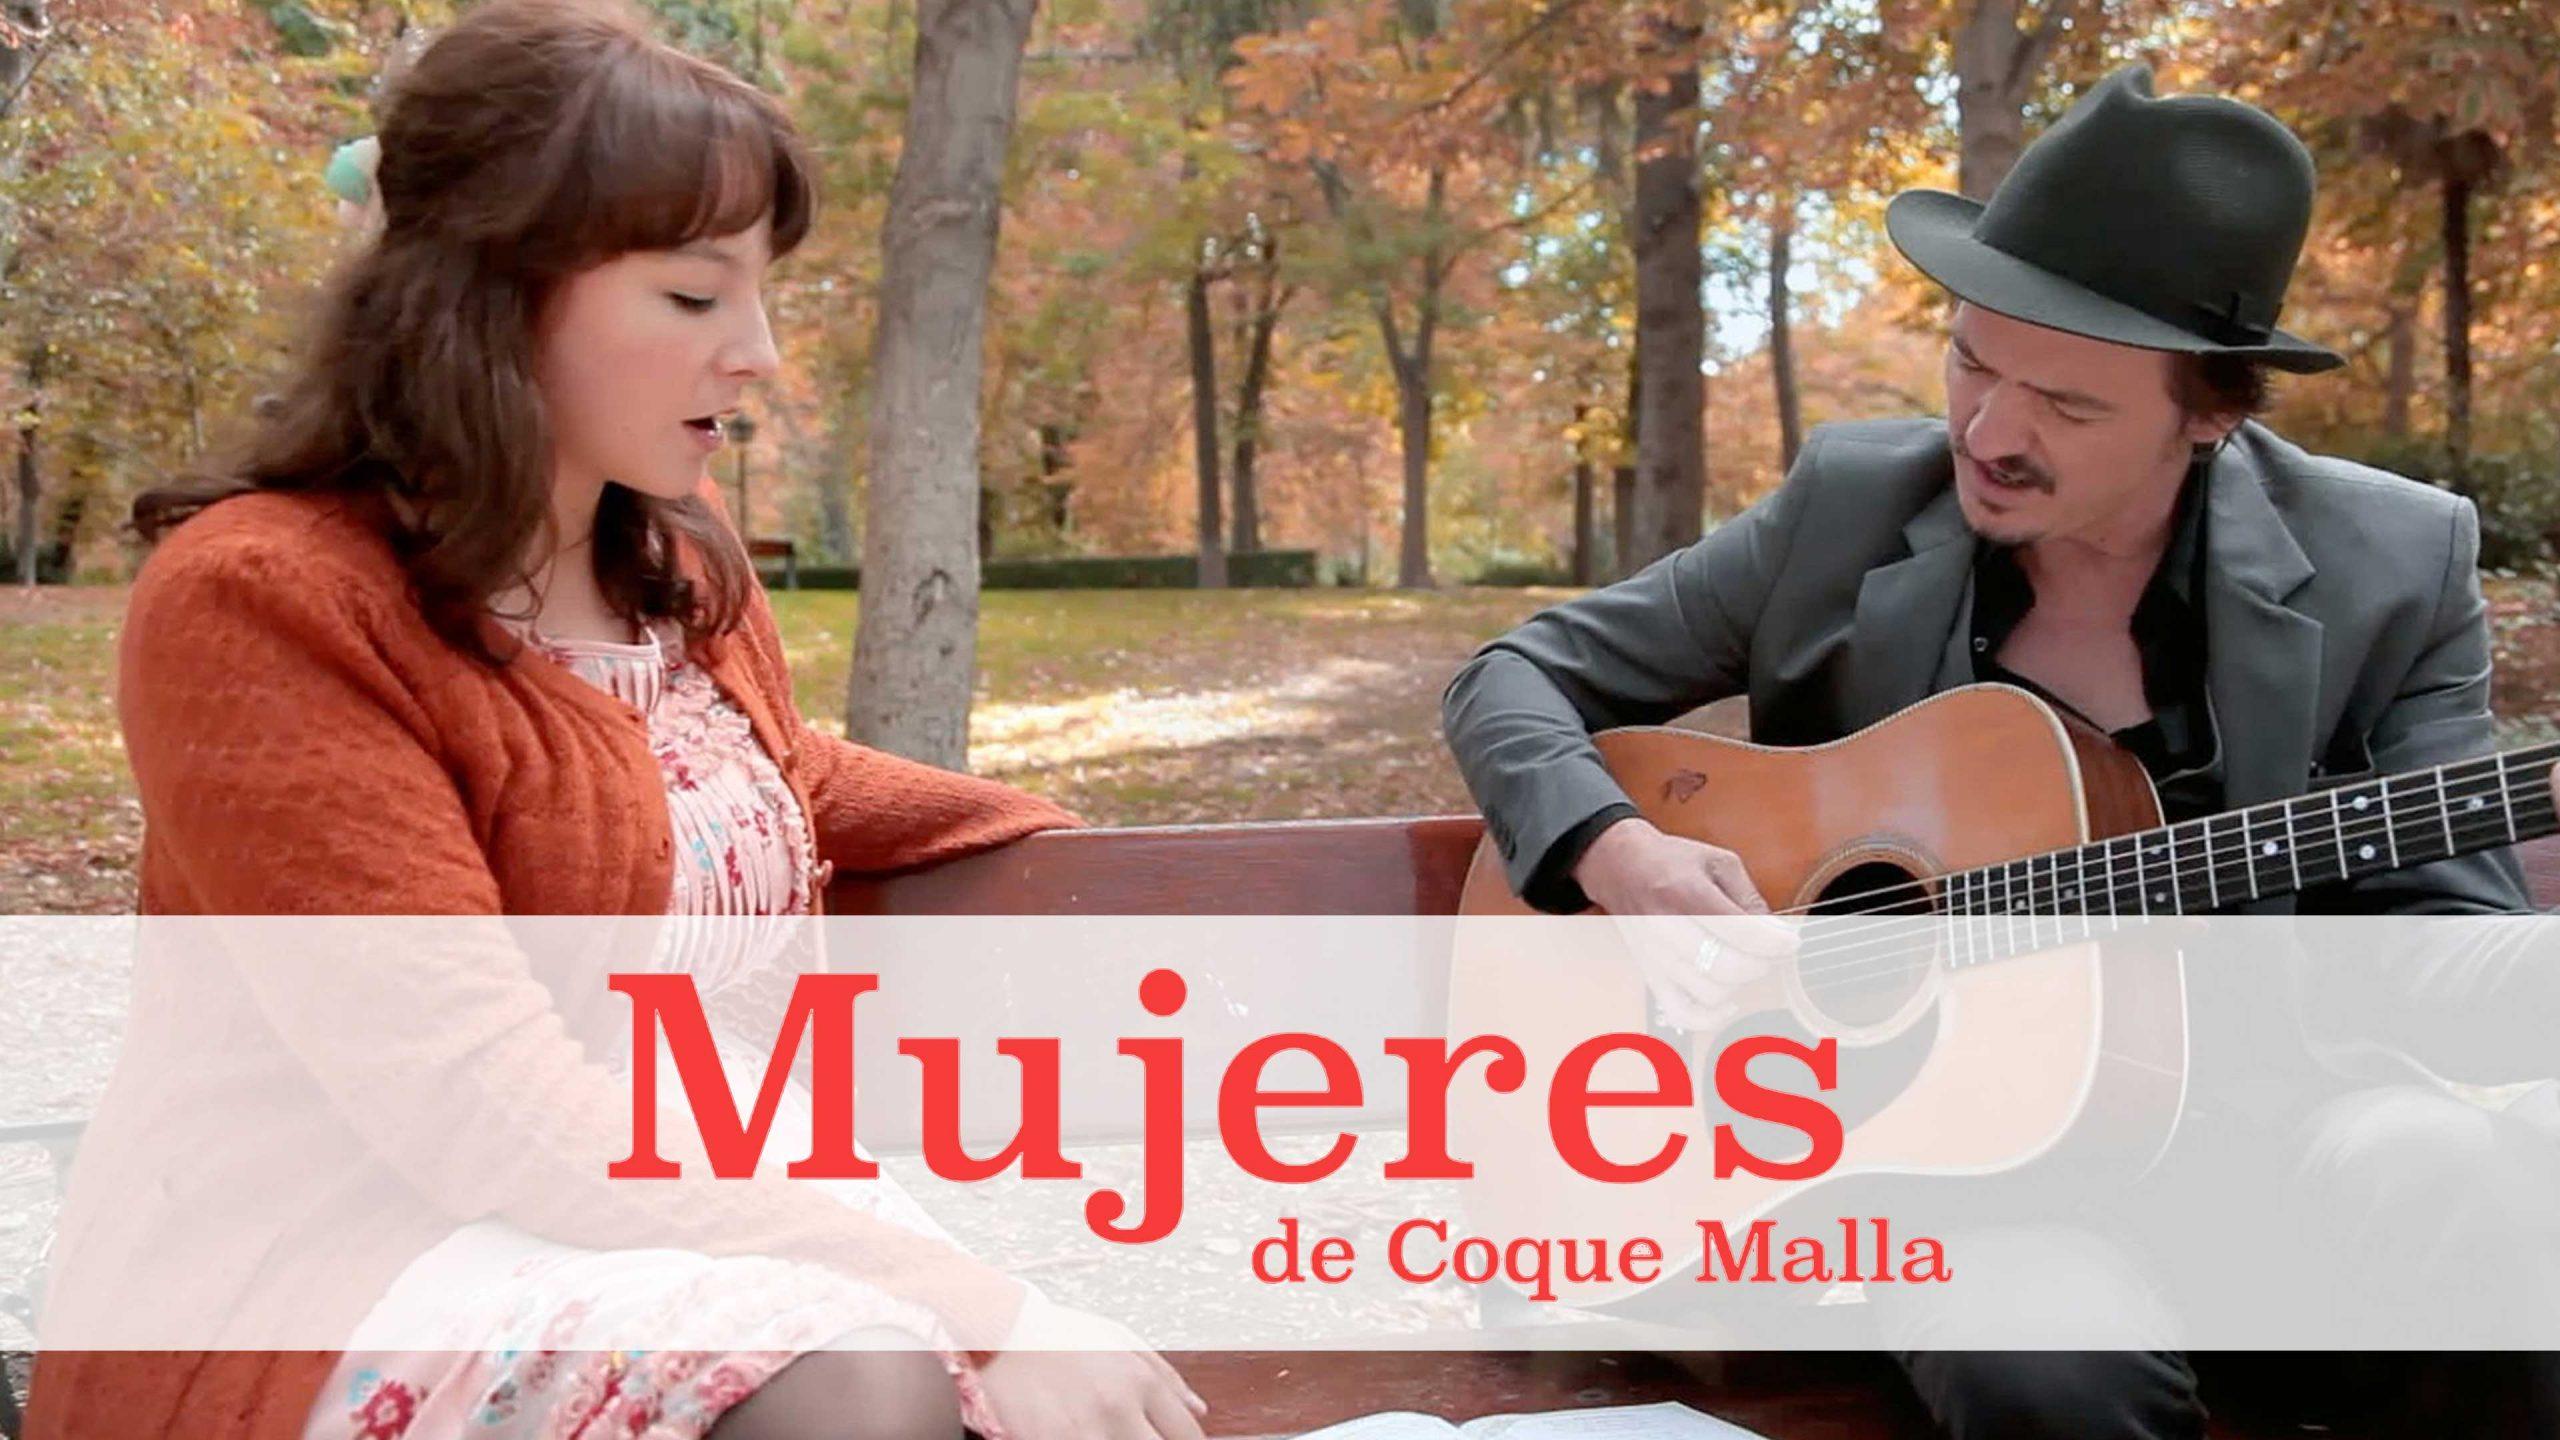 Mujeres,-de-Coque-Malla